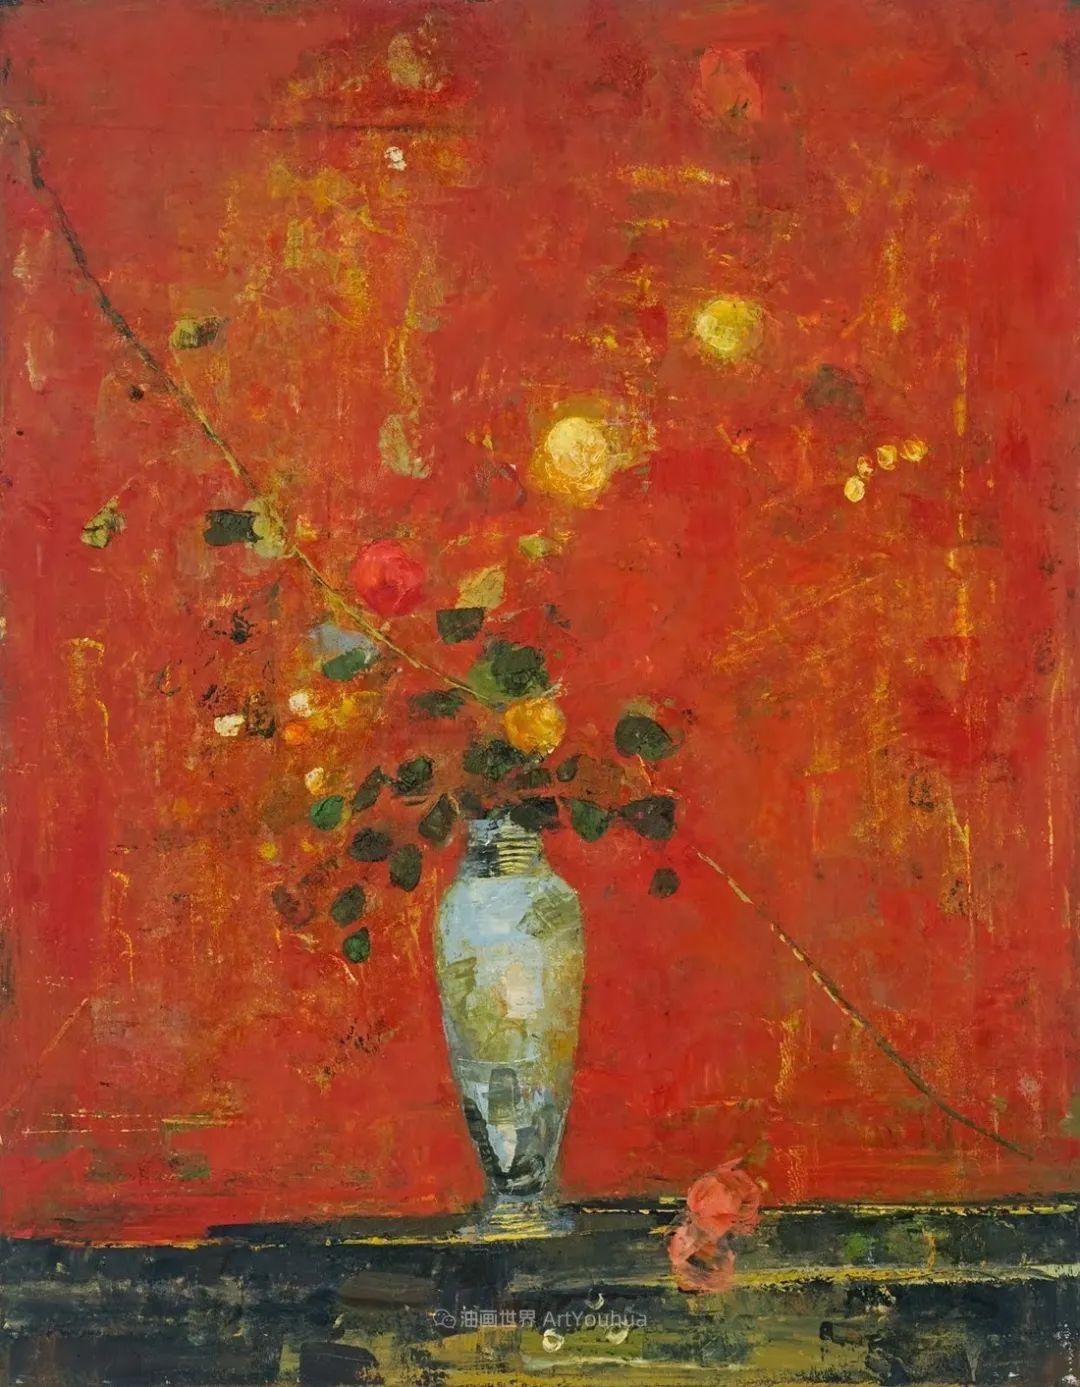 马耳他女画家 Goxwa Borg 戈克斯瓦·博格作品欣赏: 古典又现代!插图9